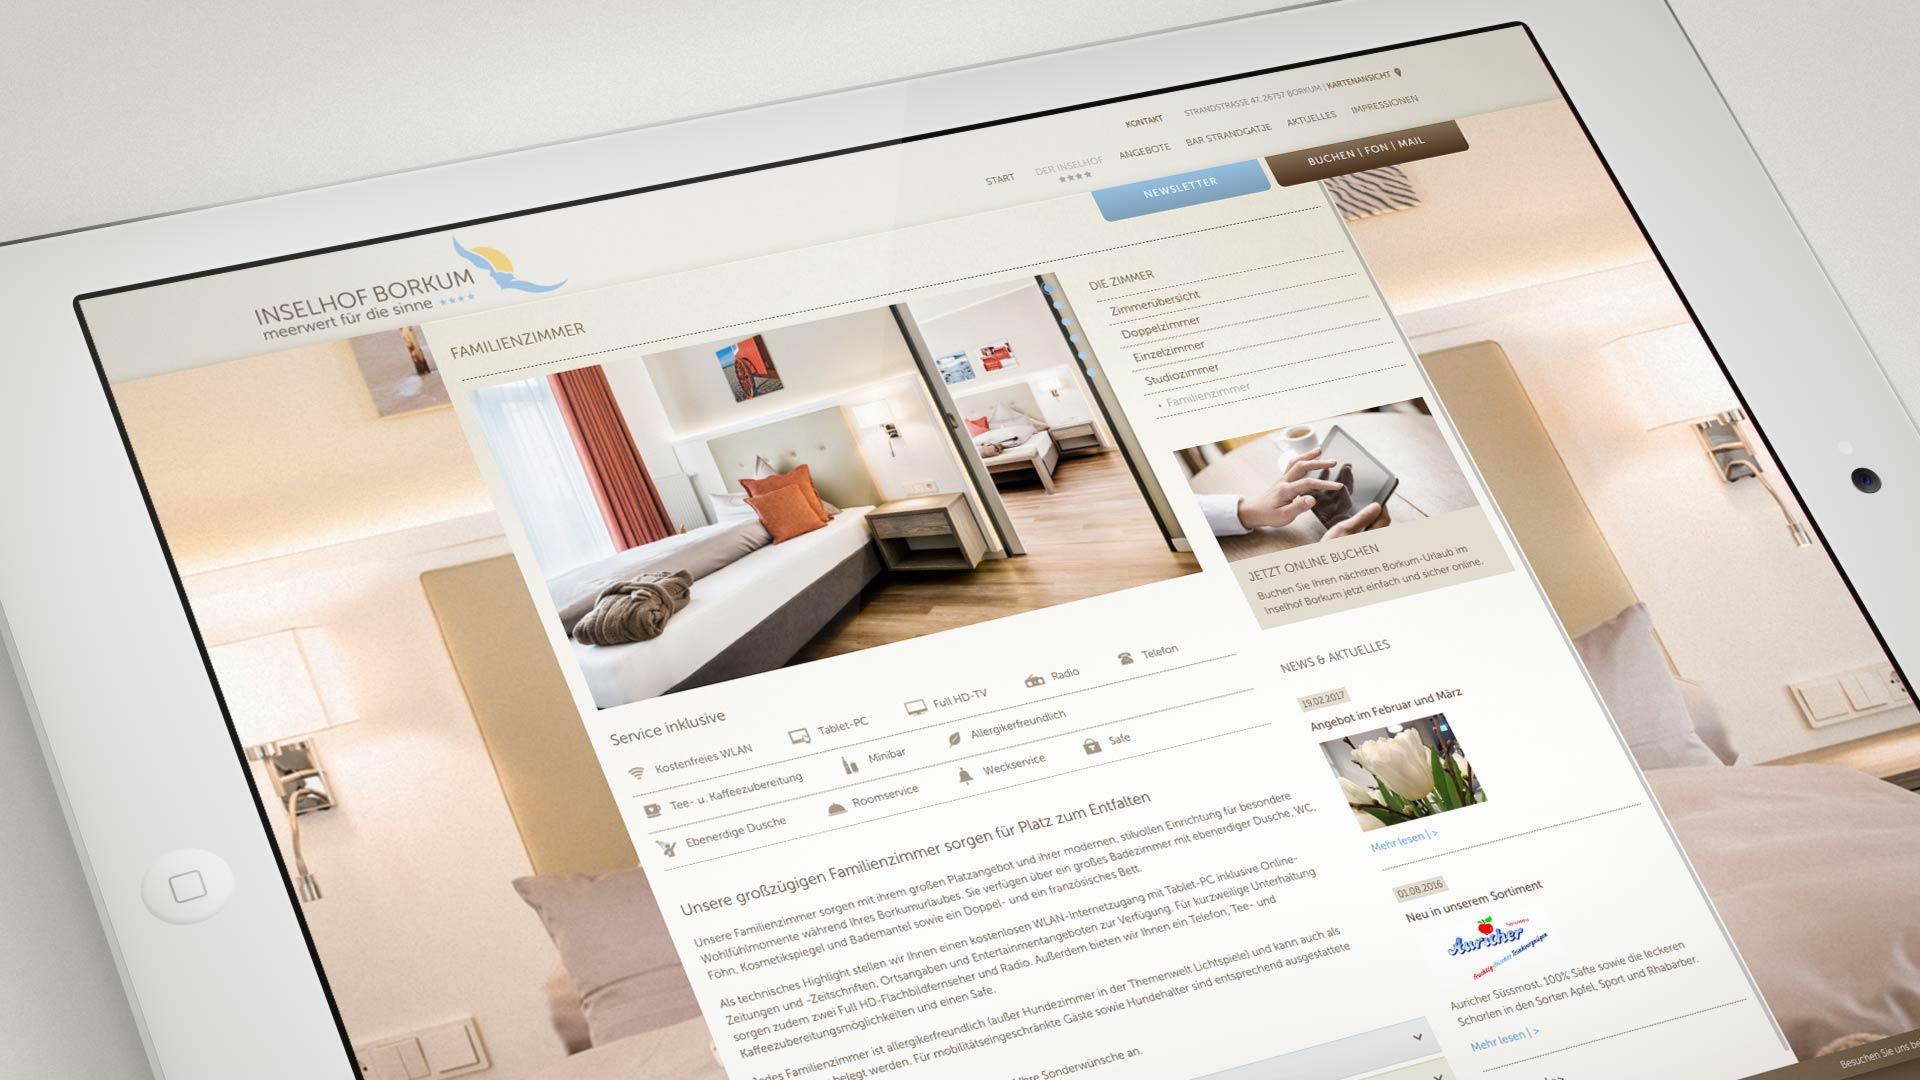 artventura-Projekt Webentwicklung inselhof-borkum.de:Darstellung der Hotelzimmer